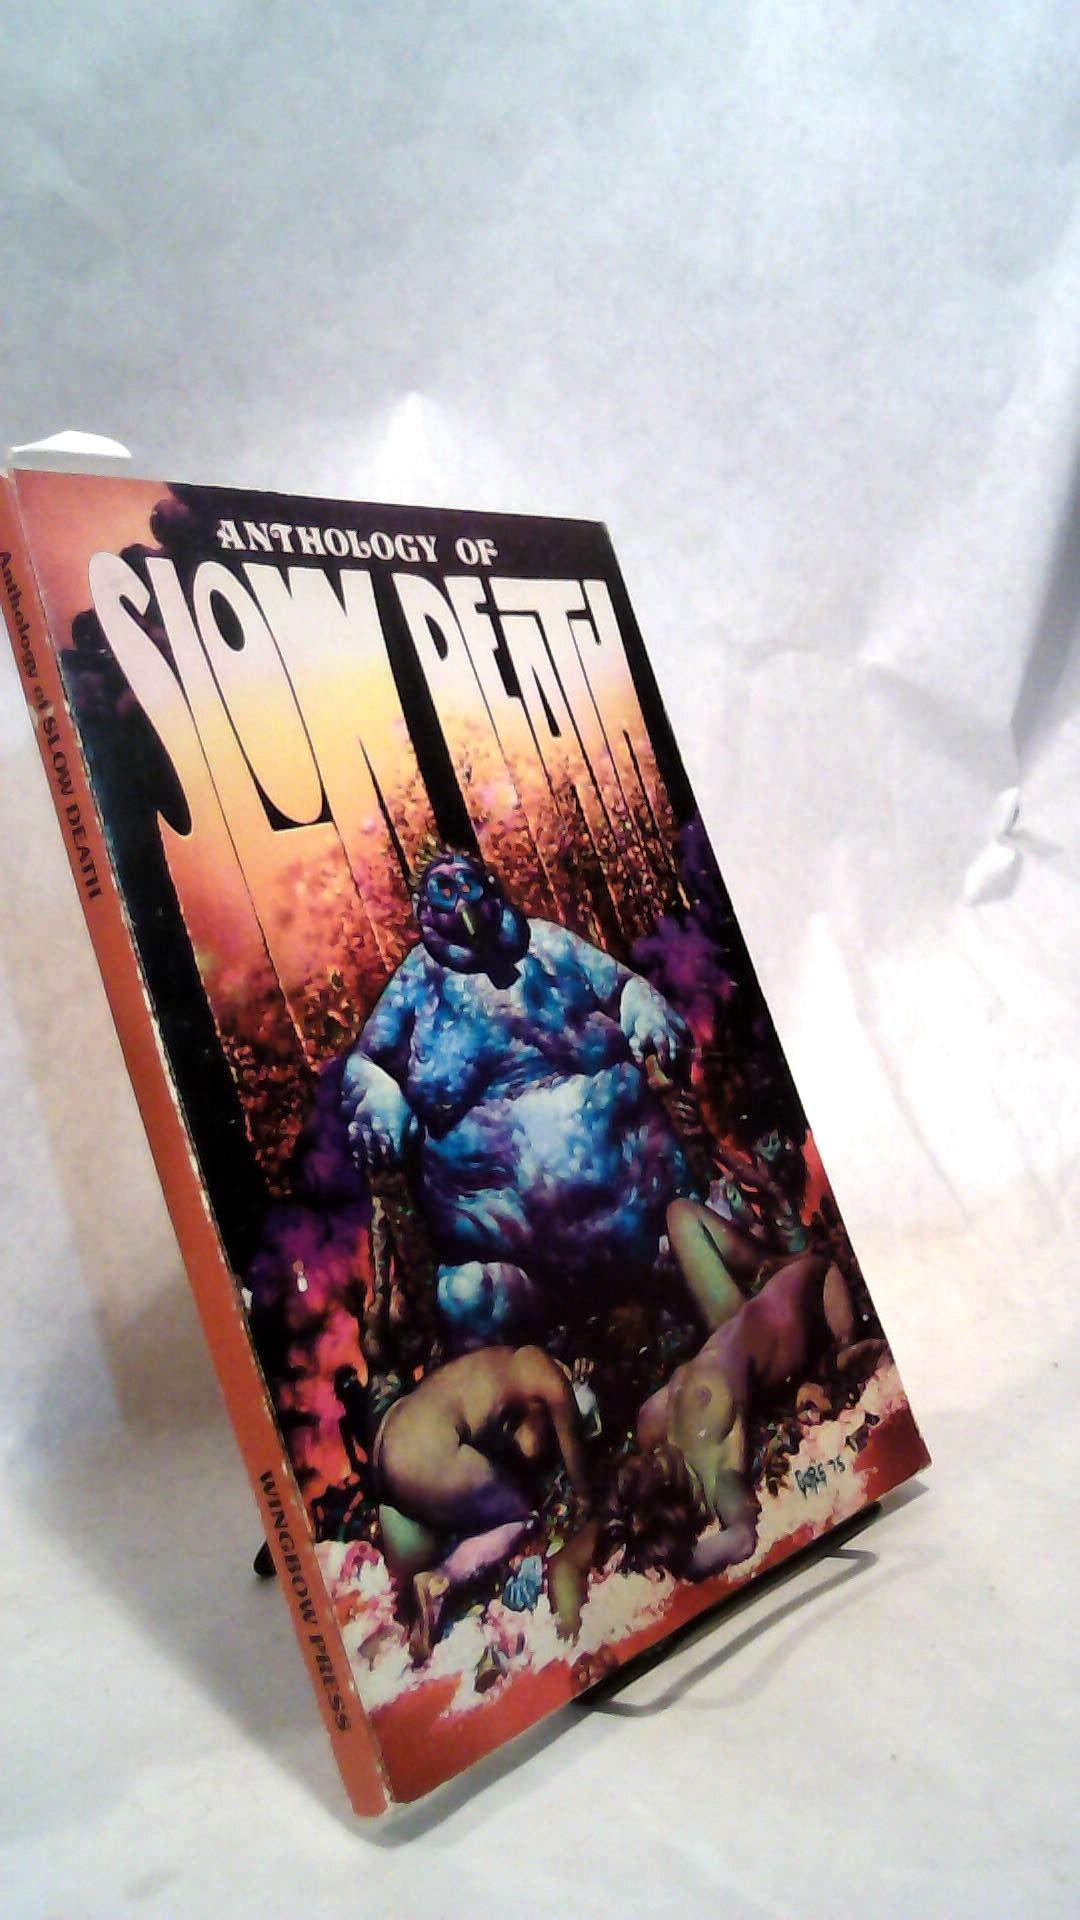 Anthology of Slow Death: Amazon.es: Turner, Baba Ron: Libros